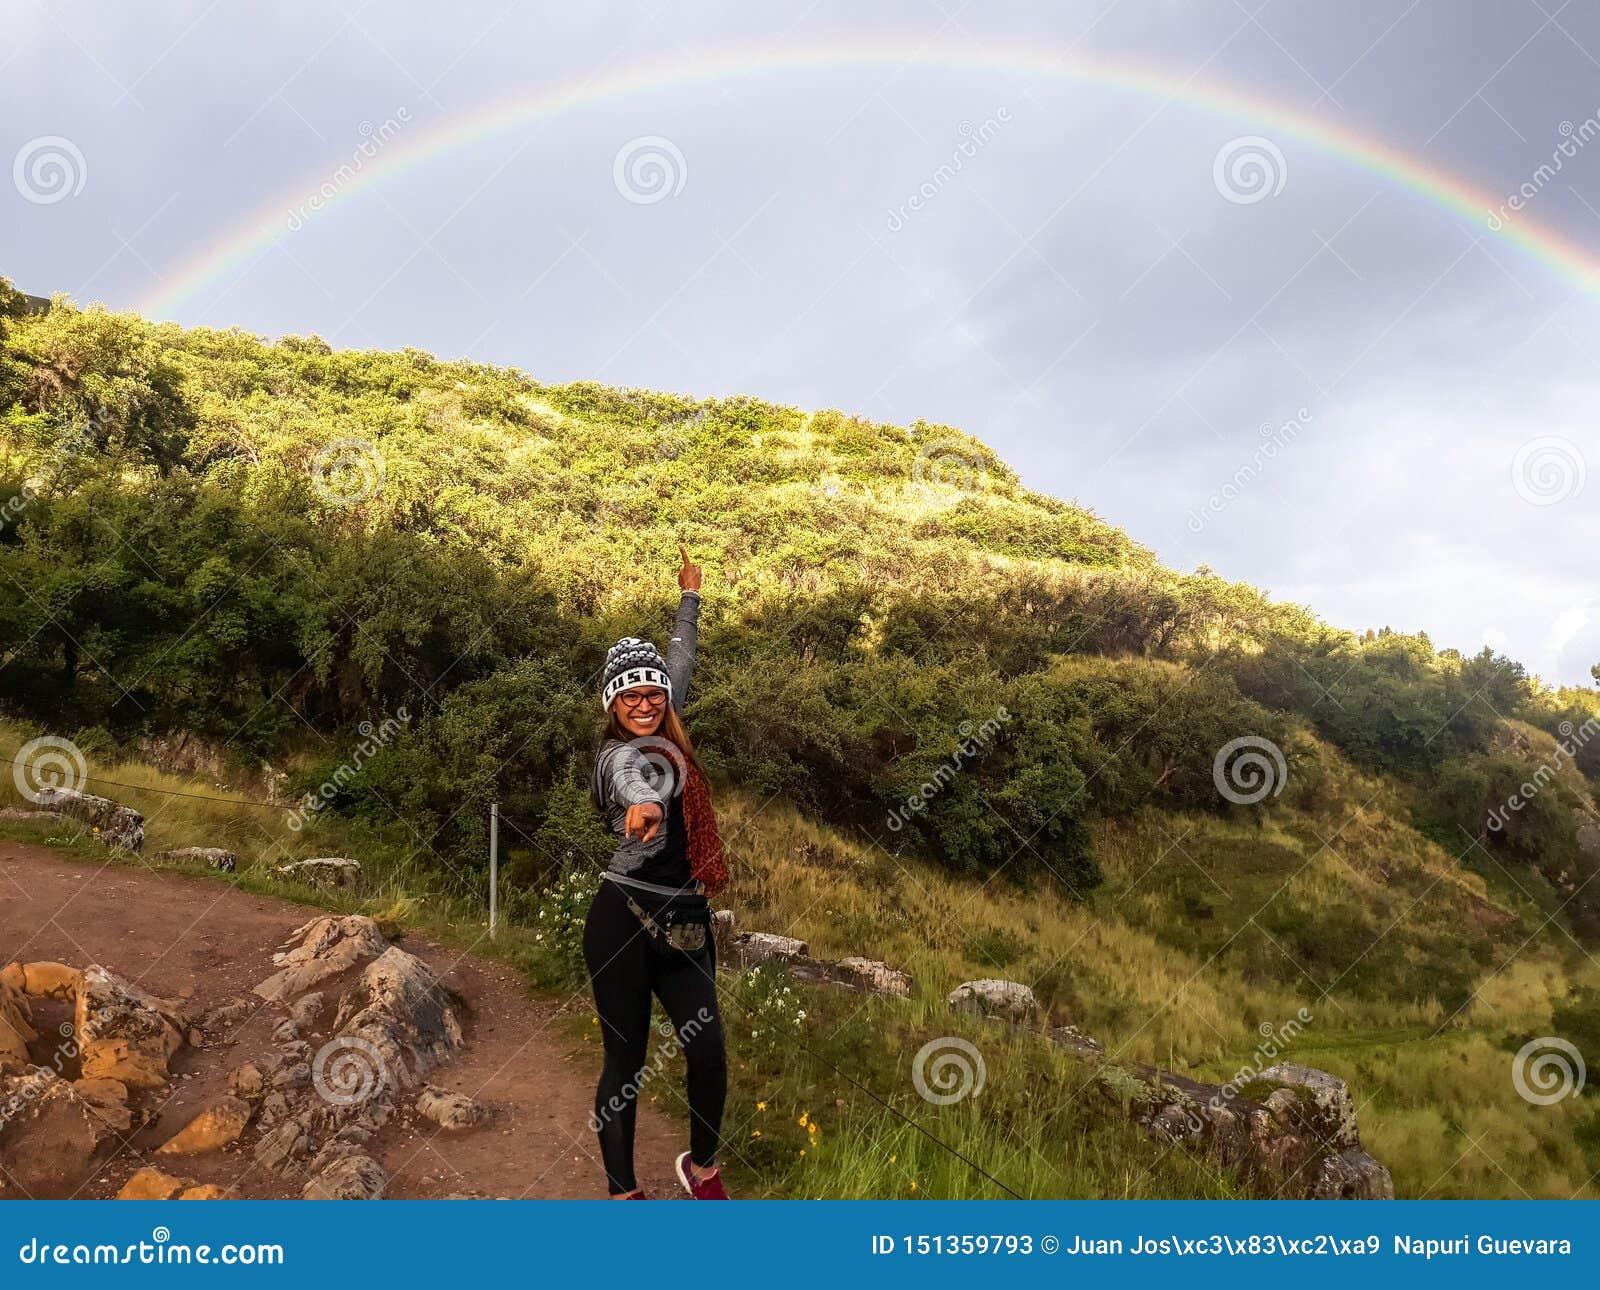 Volg Uw Droomconcept Een langs de weg aan berg lopen en vrouw die regenboog in de hemel kijken